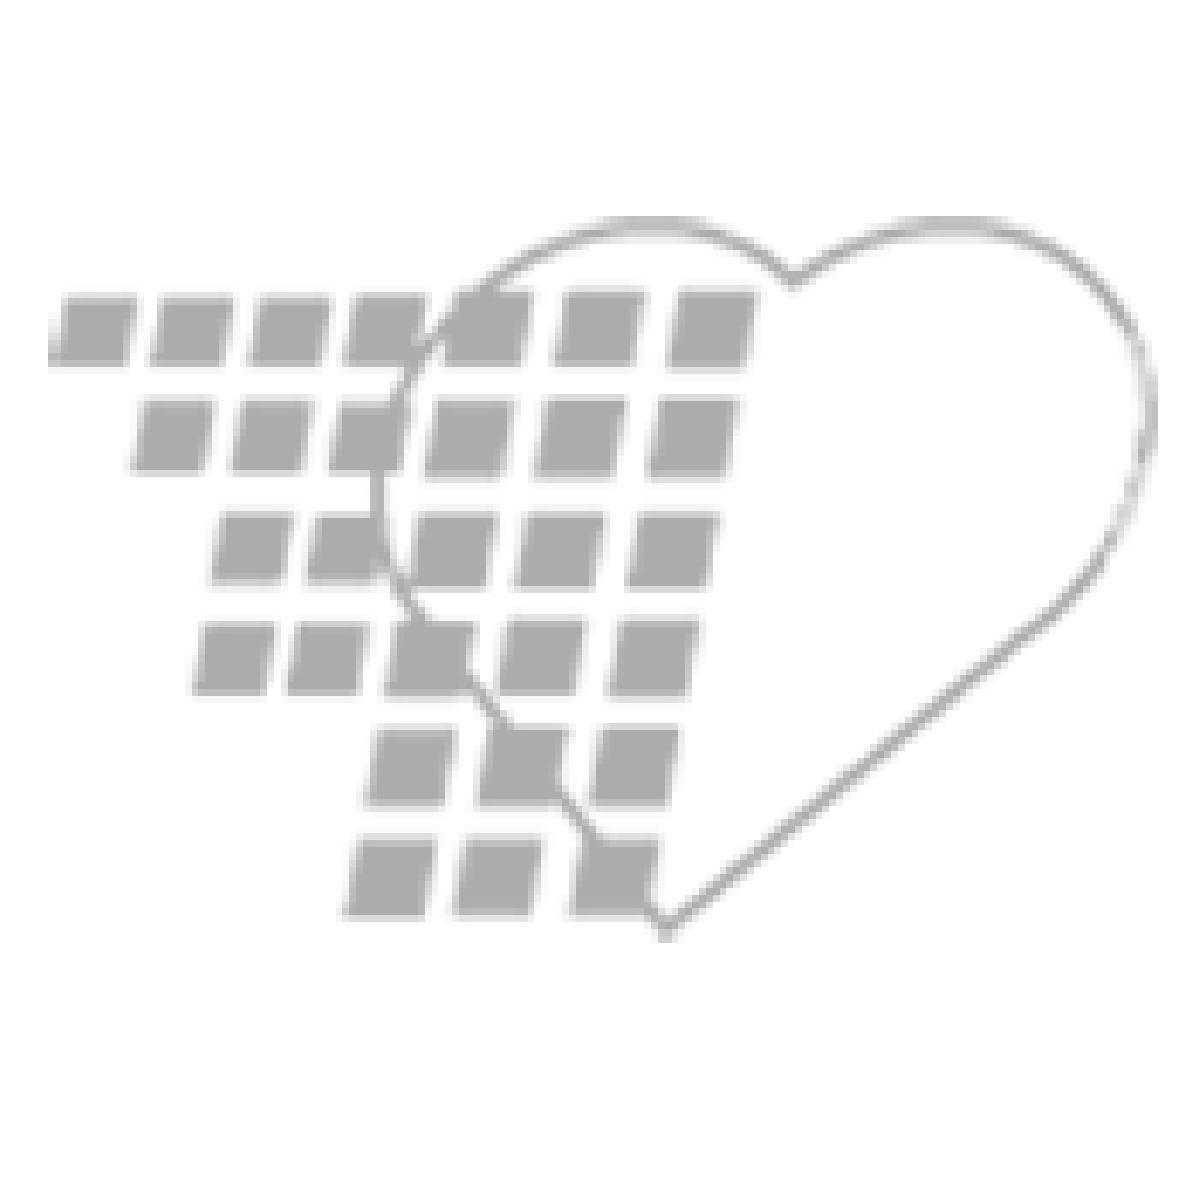 04-54-1011 - Graham-Field Bed Socket Telescoping I.V. Pole